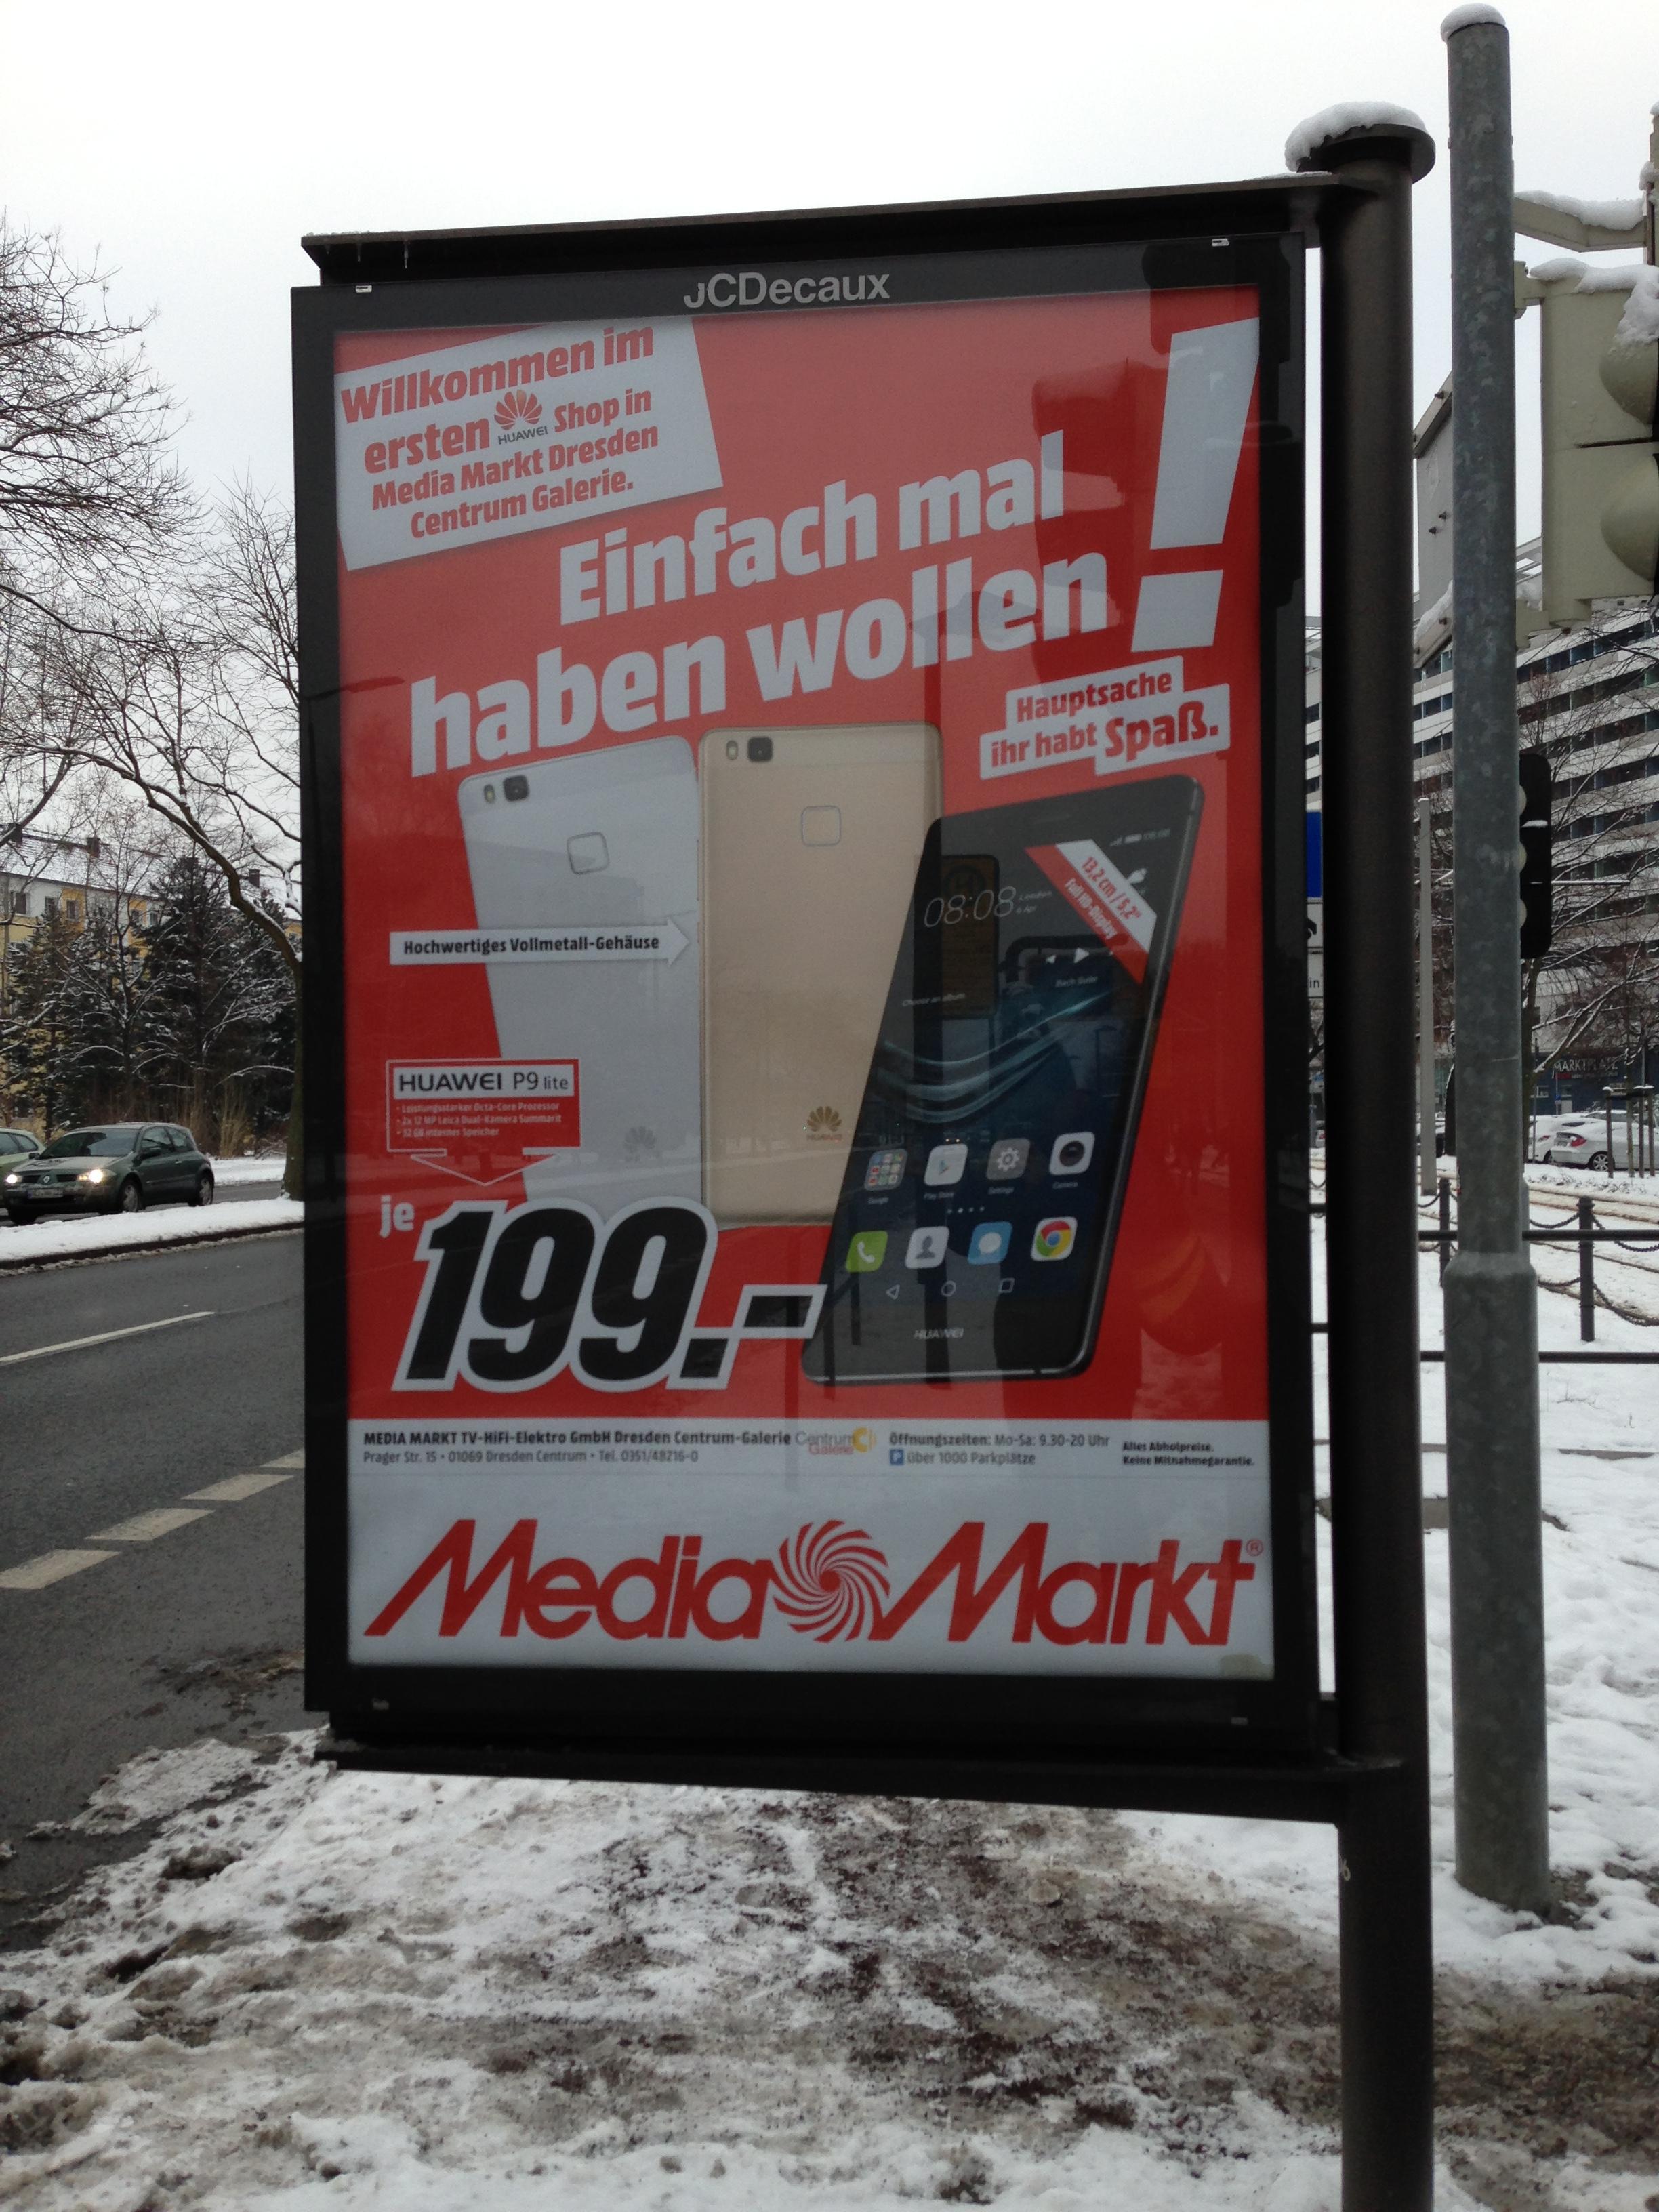 Huawei P9 Lite auf dem Dresden Centrum Galerie Mediamarkt